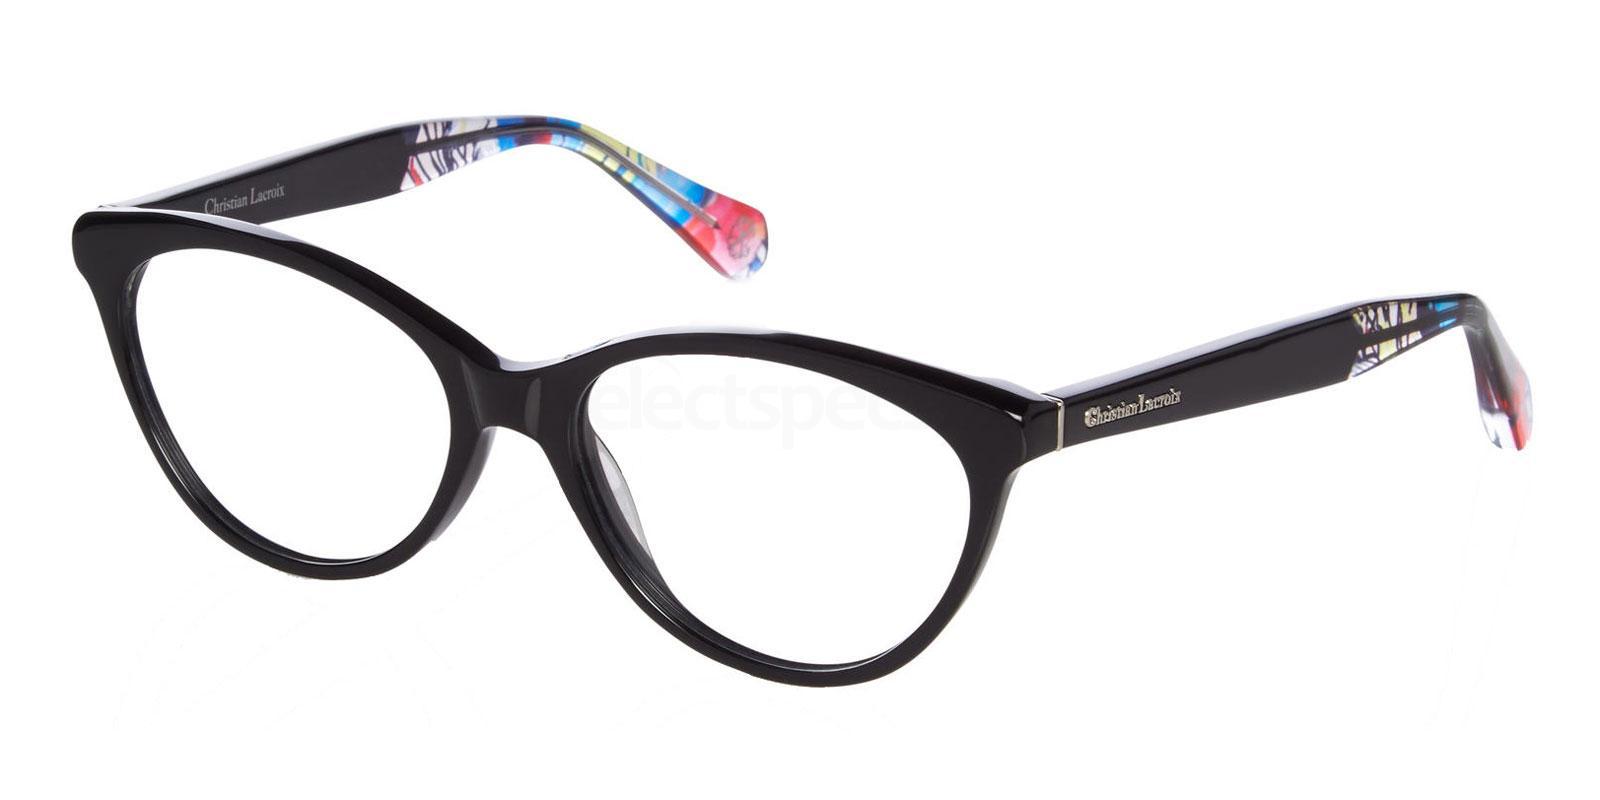 001 CL1061 Glasses, Christian Lacroix